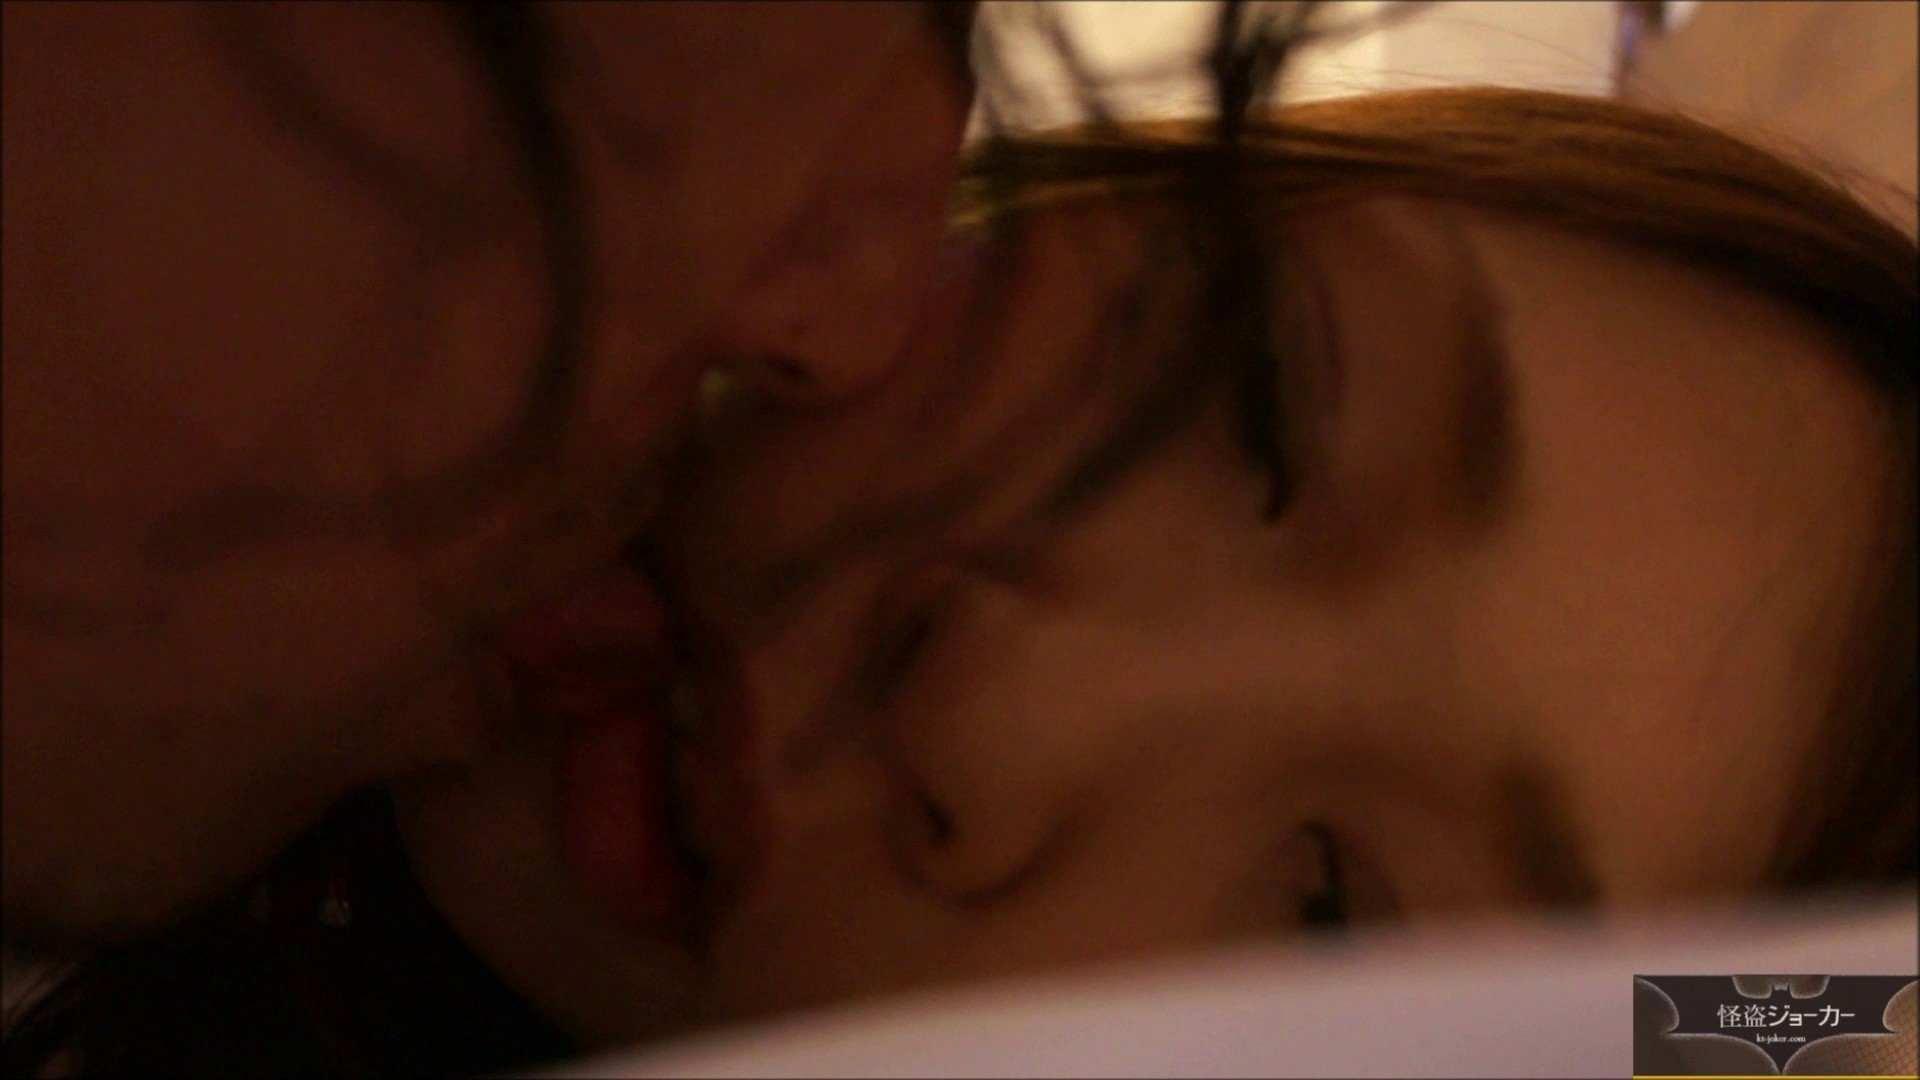 【未公開】vol.11 【美人若妻】早苗さん・・・誘われた夜。 ラブホテル オマンコ動画キャプチャ 99枚 64